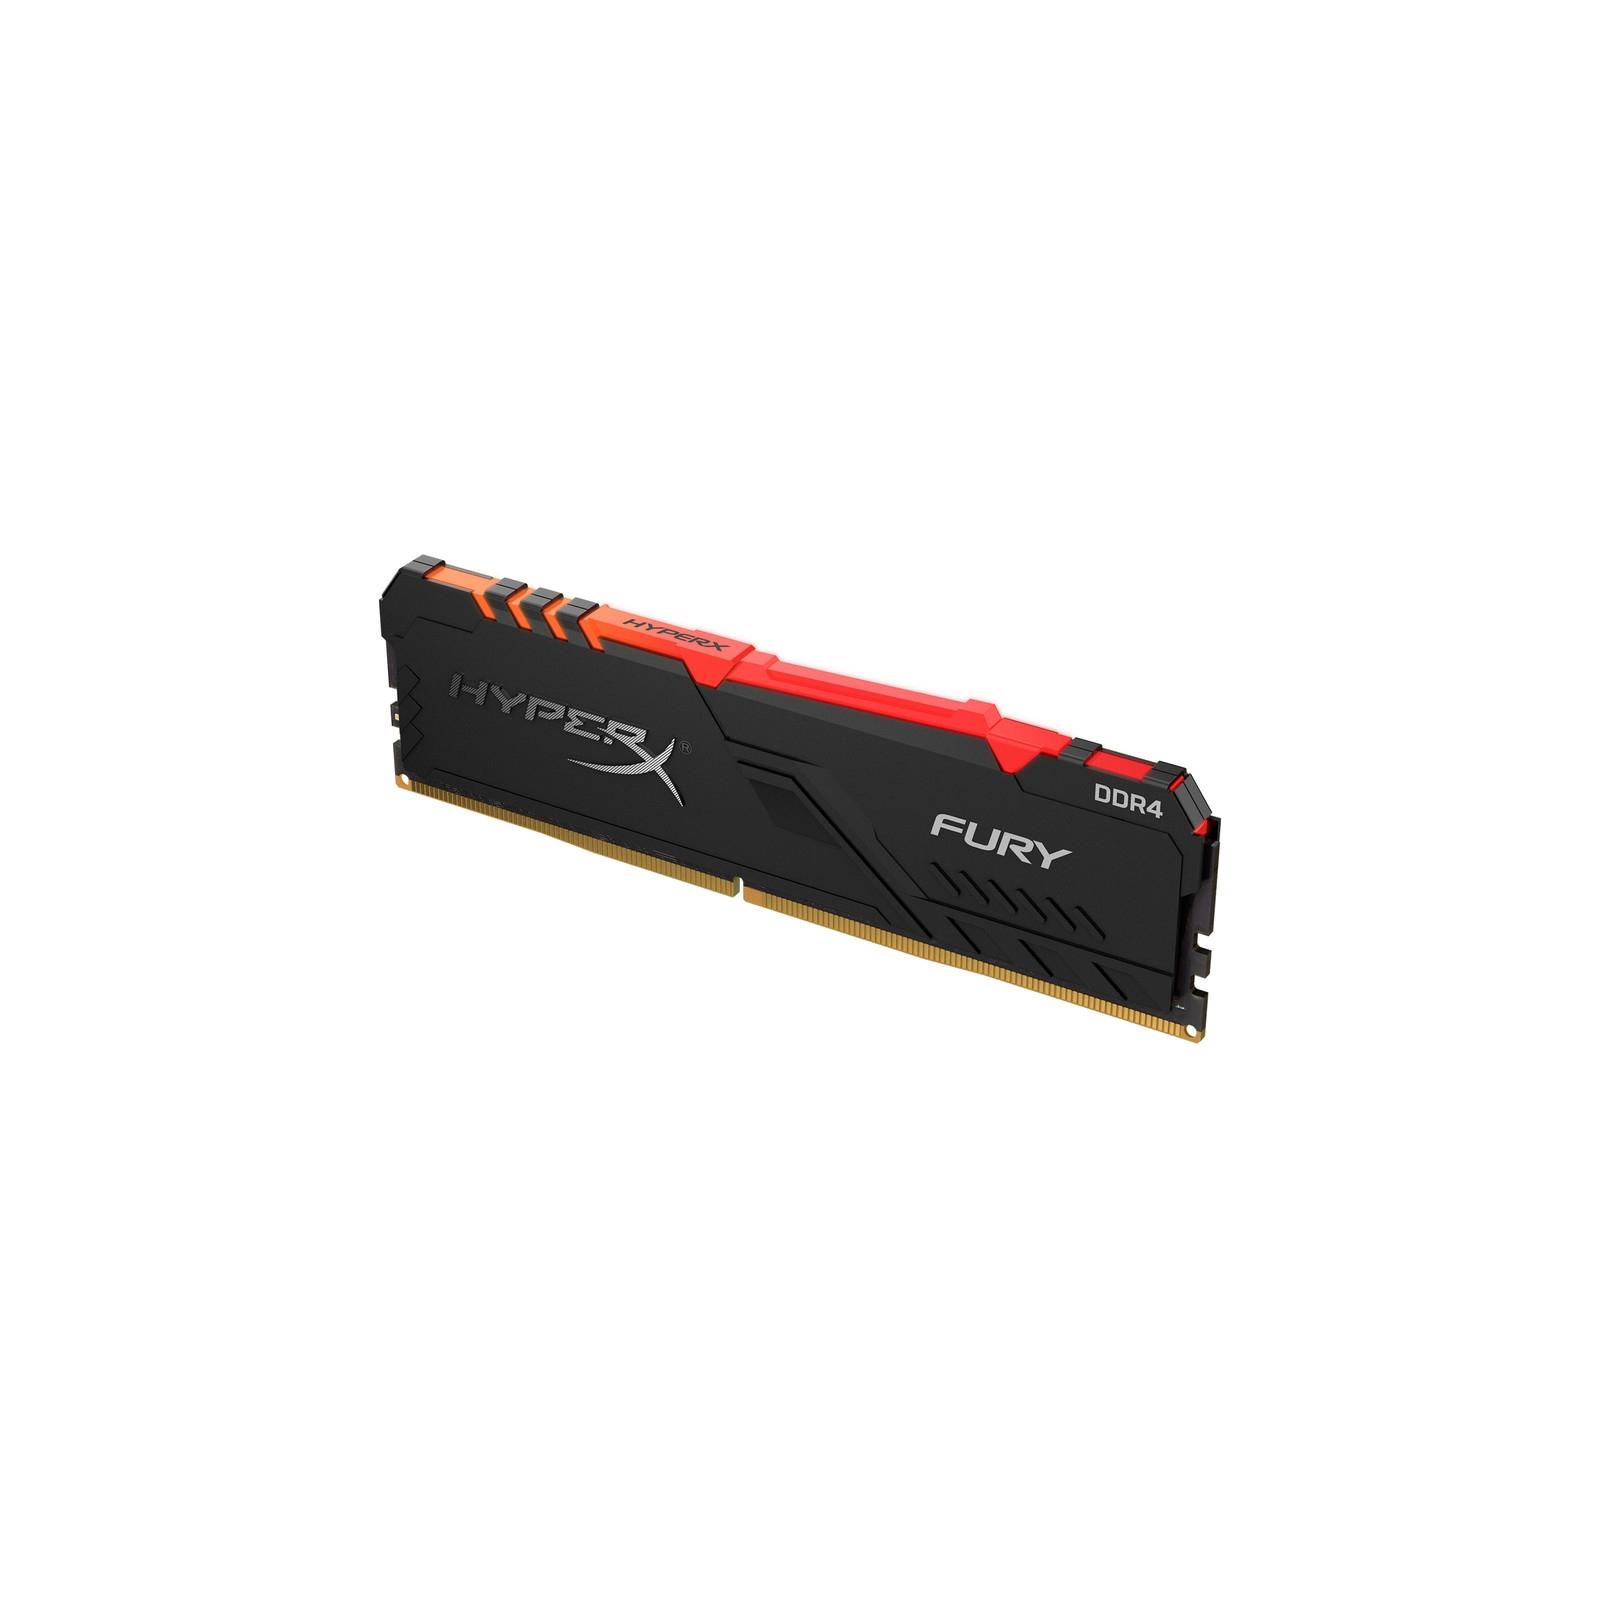 Модуль пам'яті для комп'ютера DDR4 16GB 2666 MHz HyperX FURY RGB Kingston (HX426C16FB3A/16) зображення 3